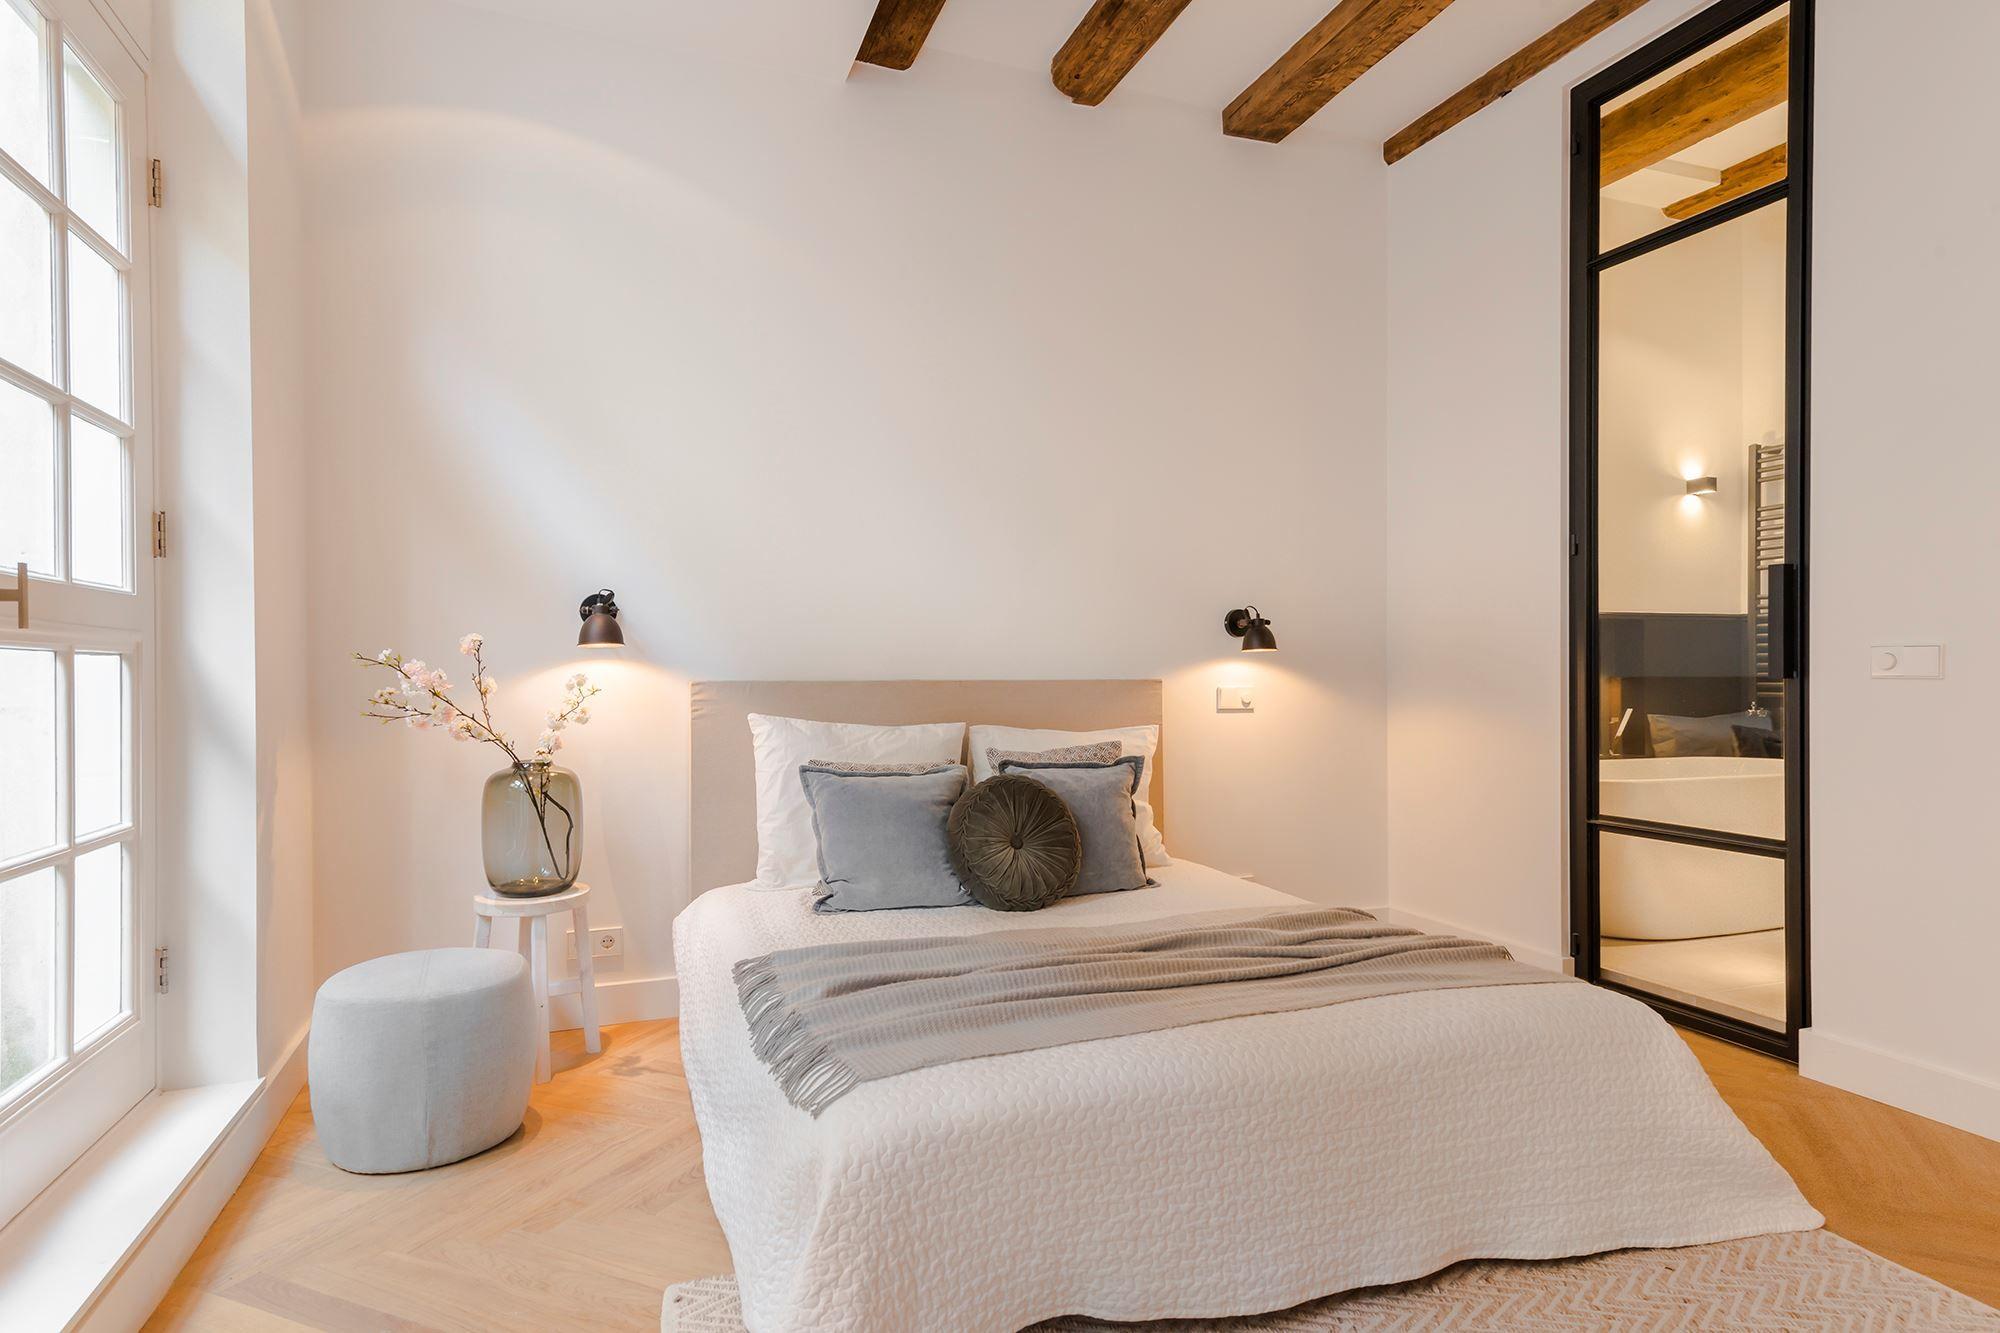 slaapkamer licht | Inrichting huis | Pinterest